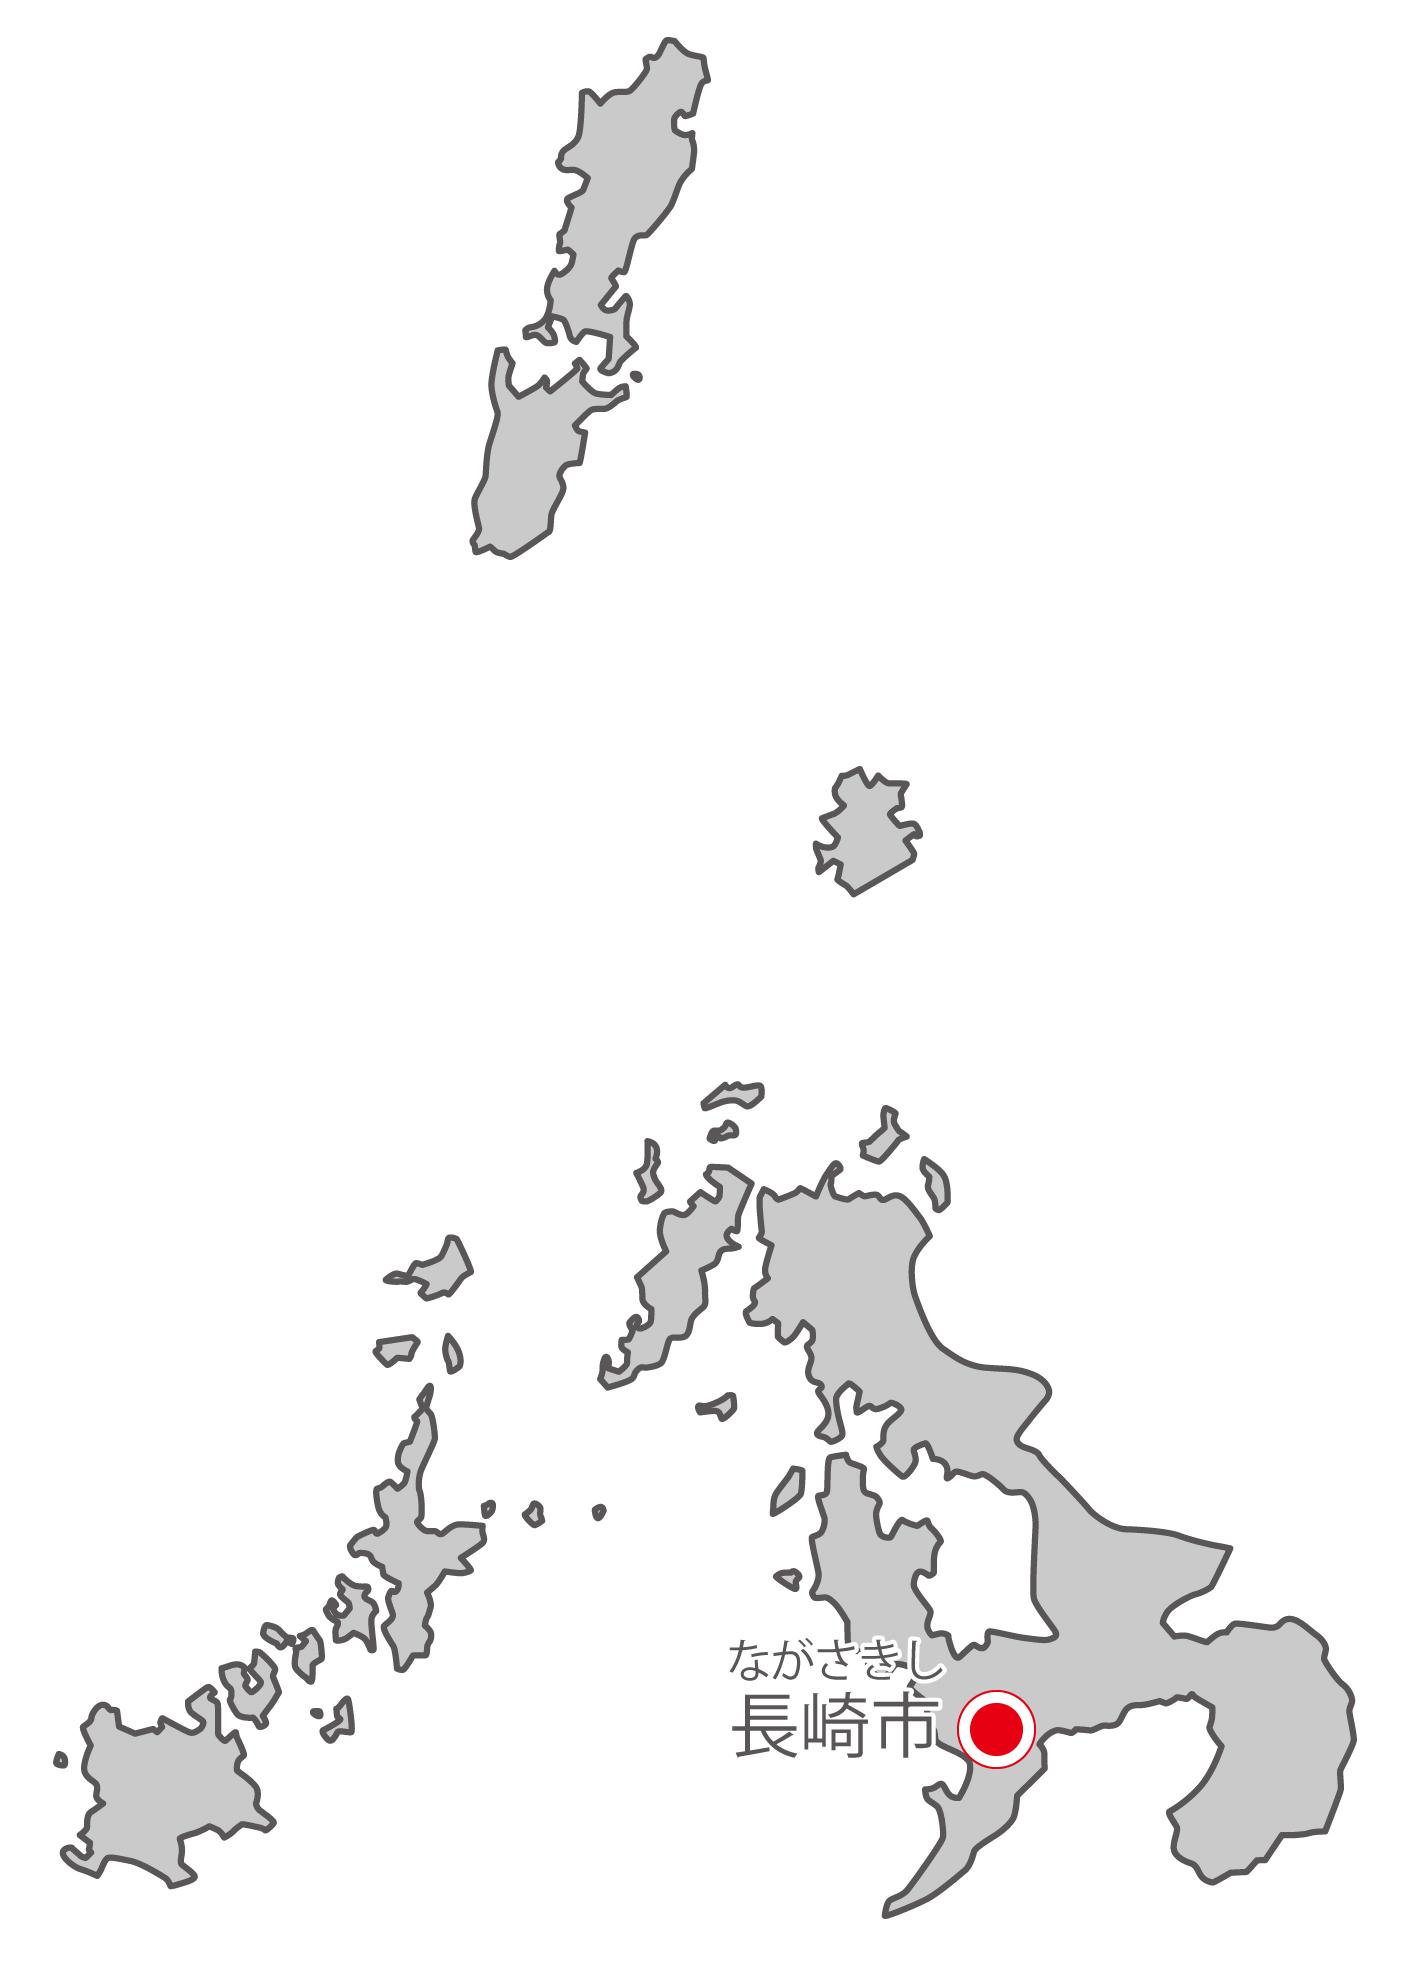 長崎県無料フリーイラスト|日本語・県庁所在地あり・ルビあり(グレー)